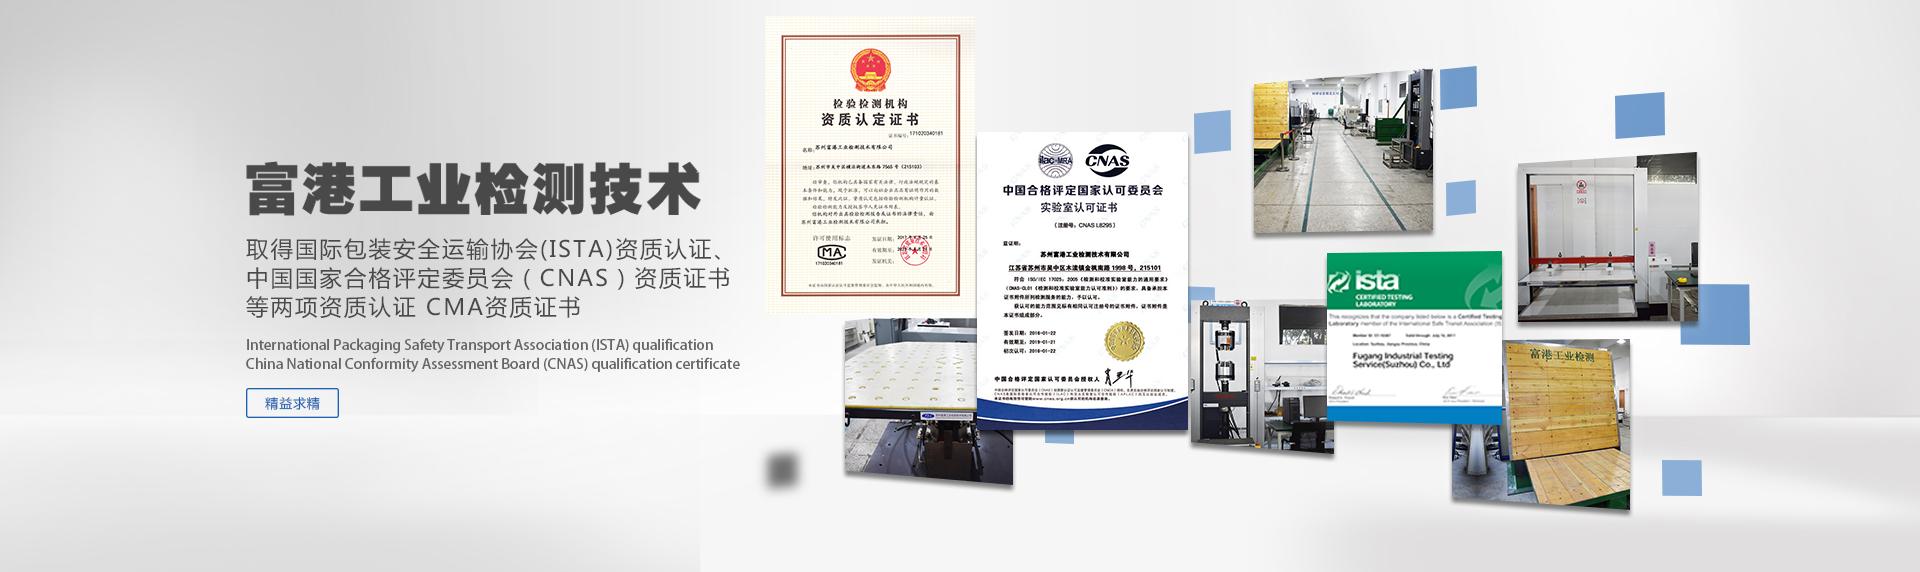 苏州富港工业检测技术有限公司